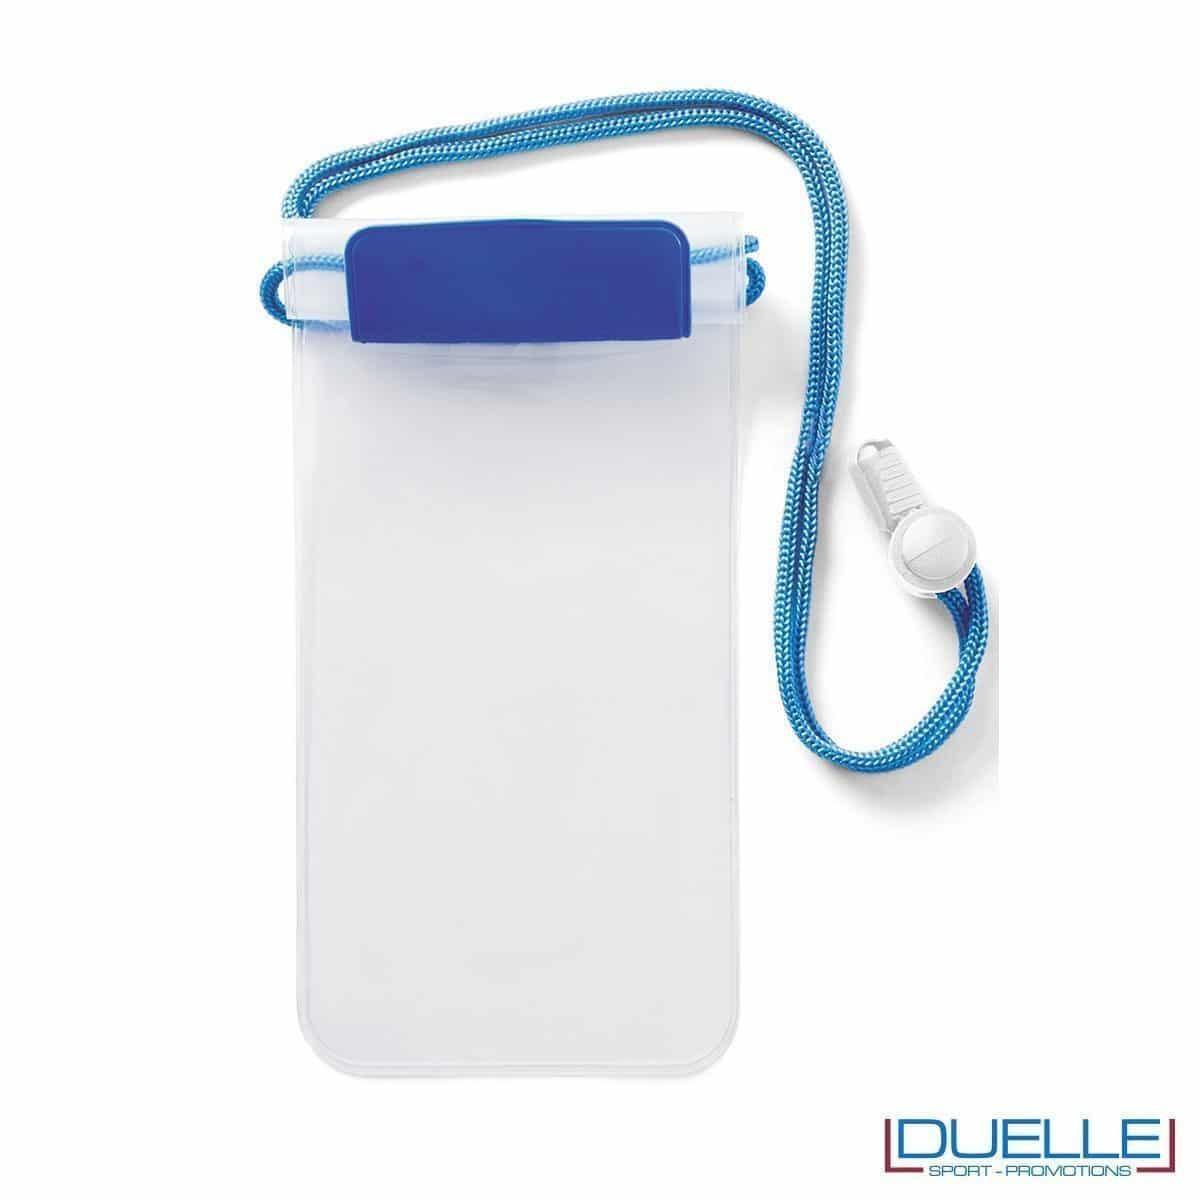 portacellulare personalizzato impermeabile colore blu, porta smartphone impermeabile personalizzabile colore blu